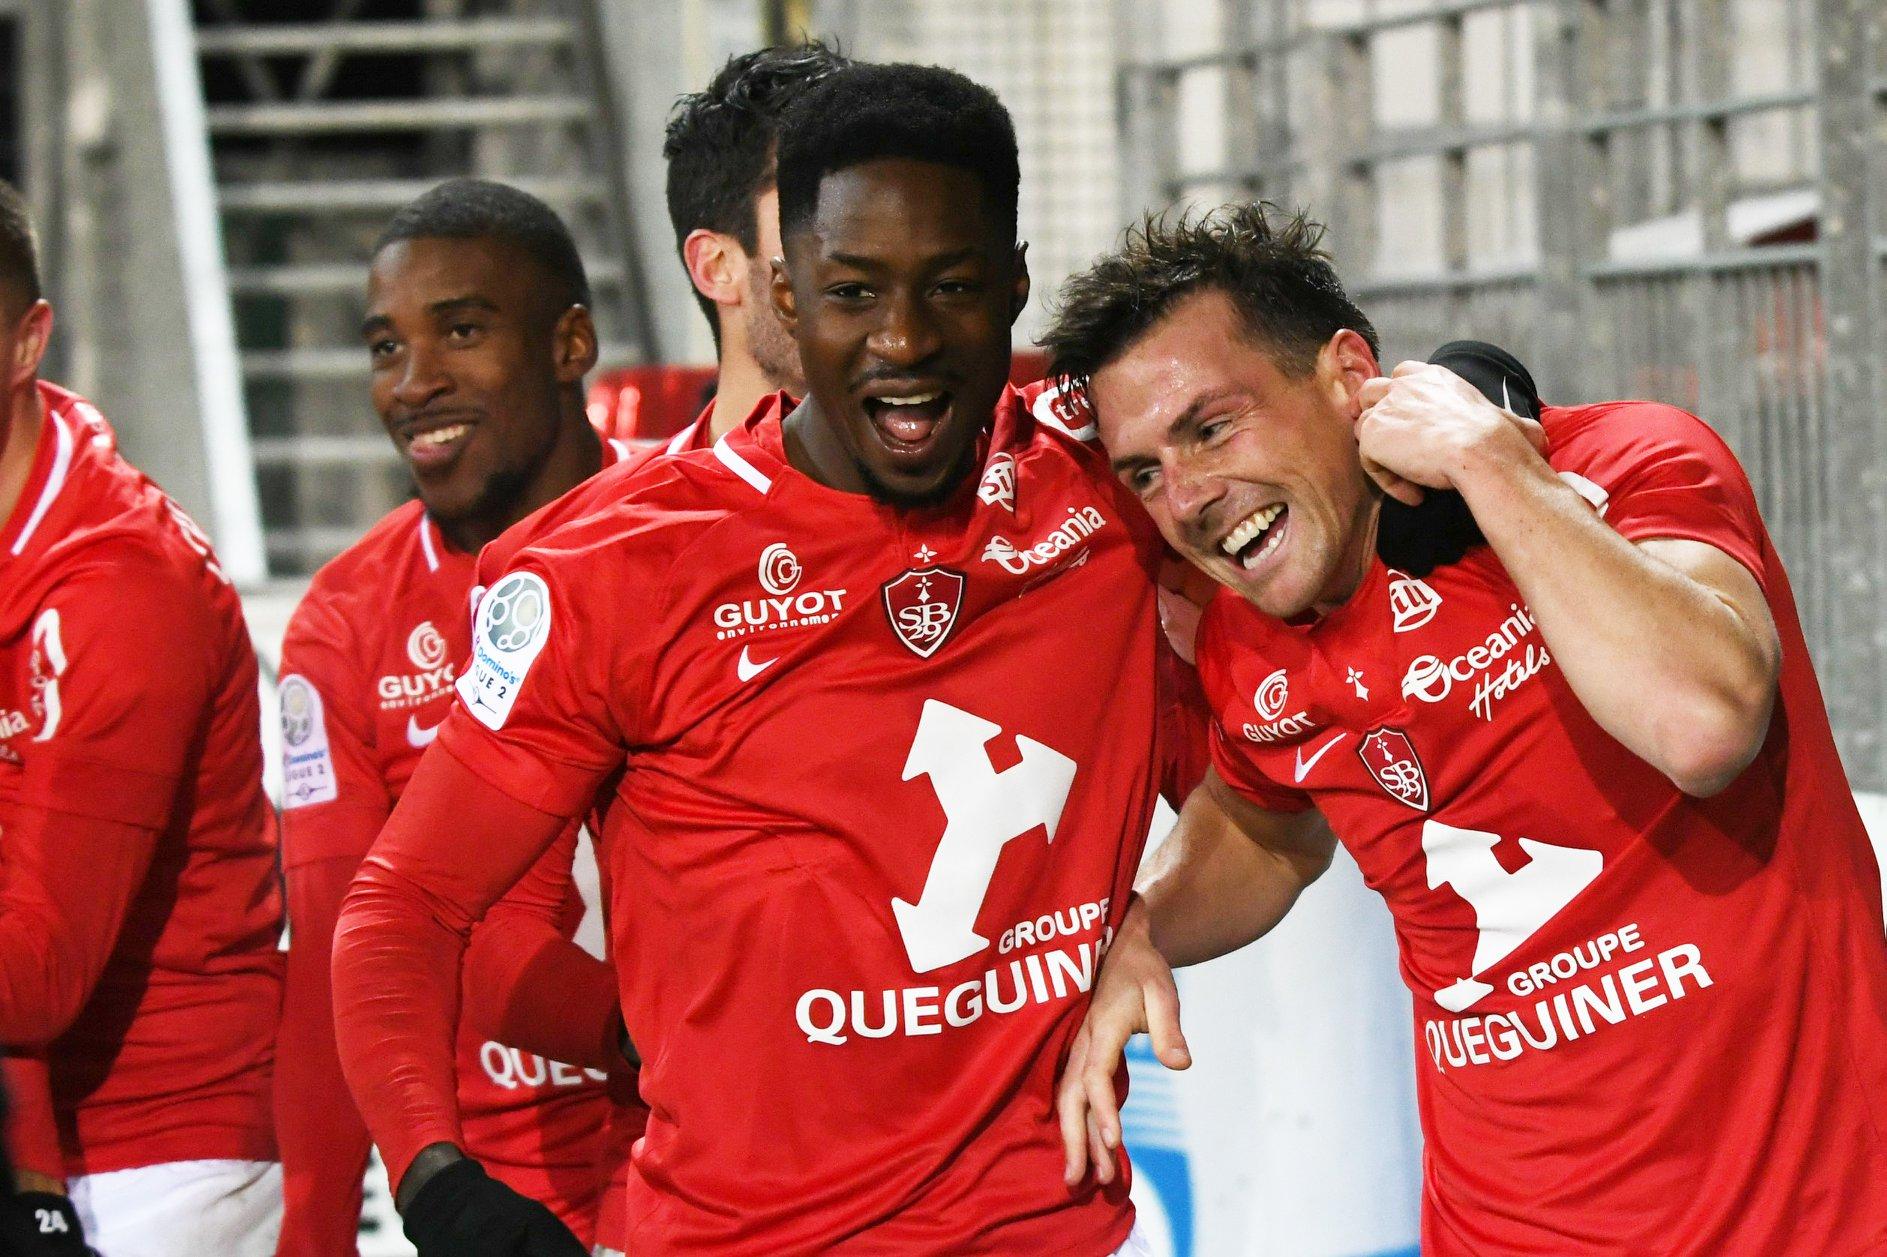 Red Star-Brest 5 aprile: si gioca per la 31 esima giornata della Serie B francese. Ospiti favoriti per la conquista dei 3 punti in palio.